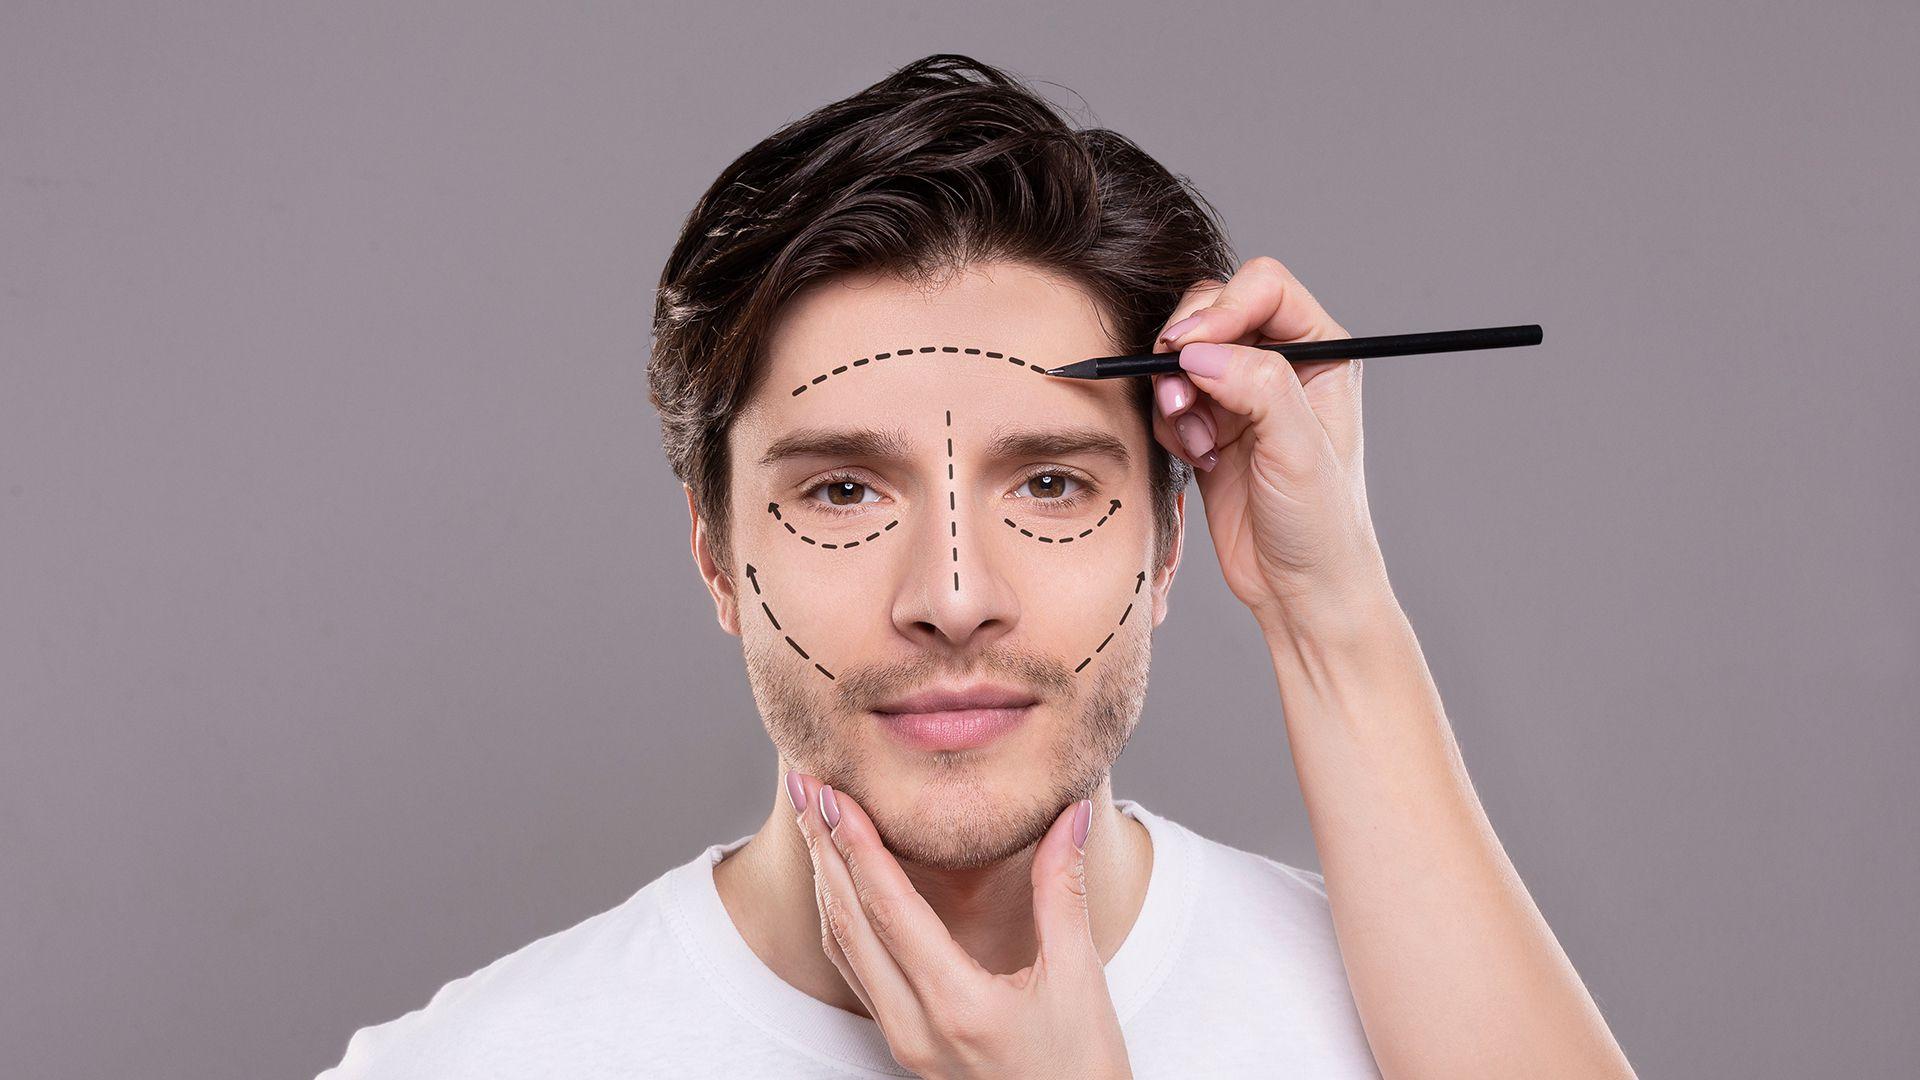 El fotoenvejecimiento se produce más en el hombre que en la mujer ya que se cuida menos (Shutterstock)